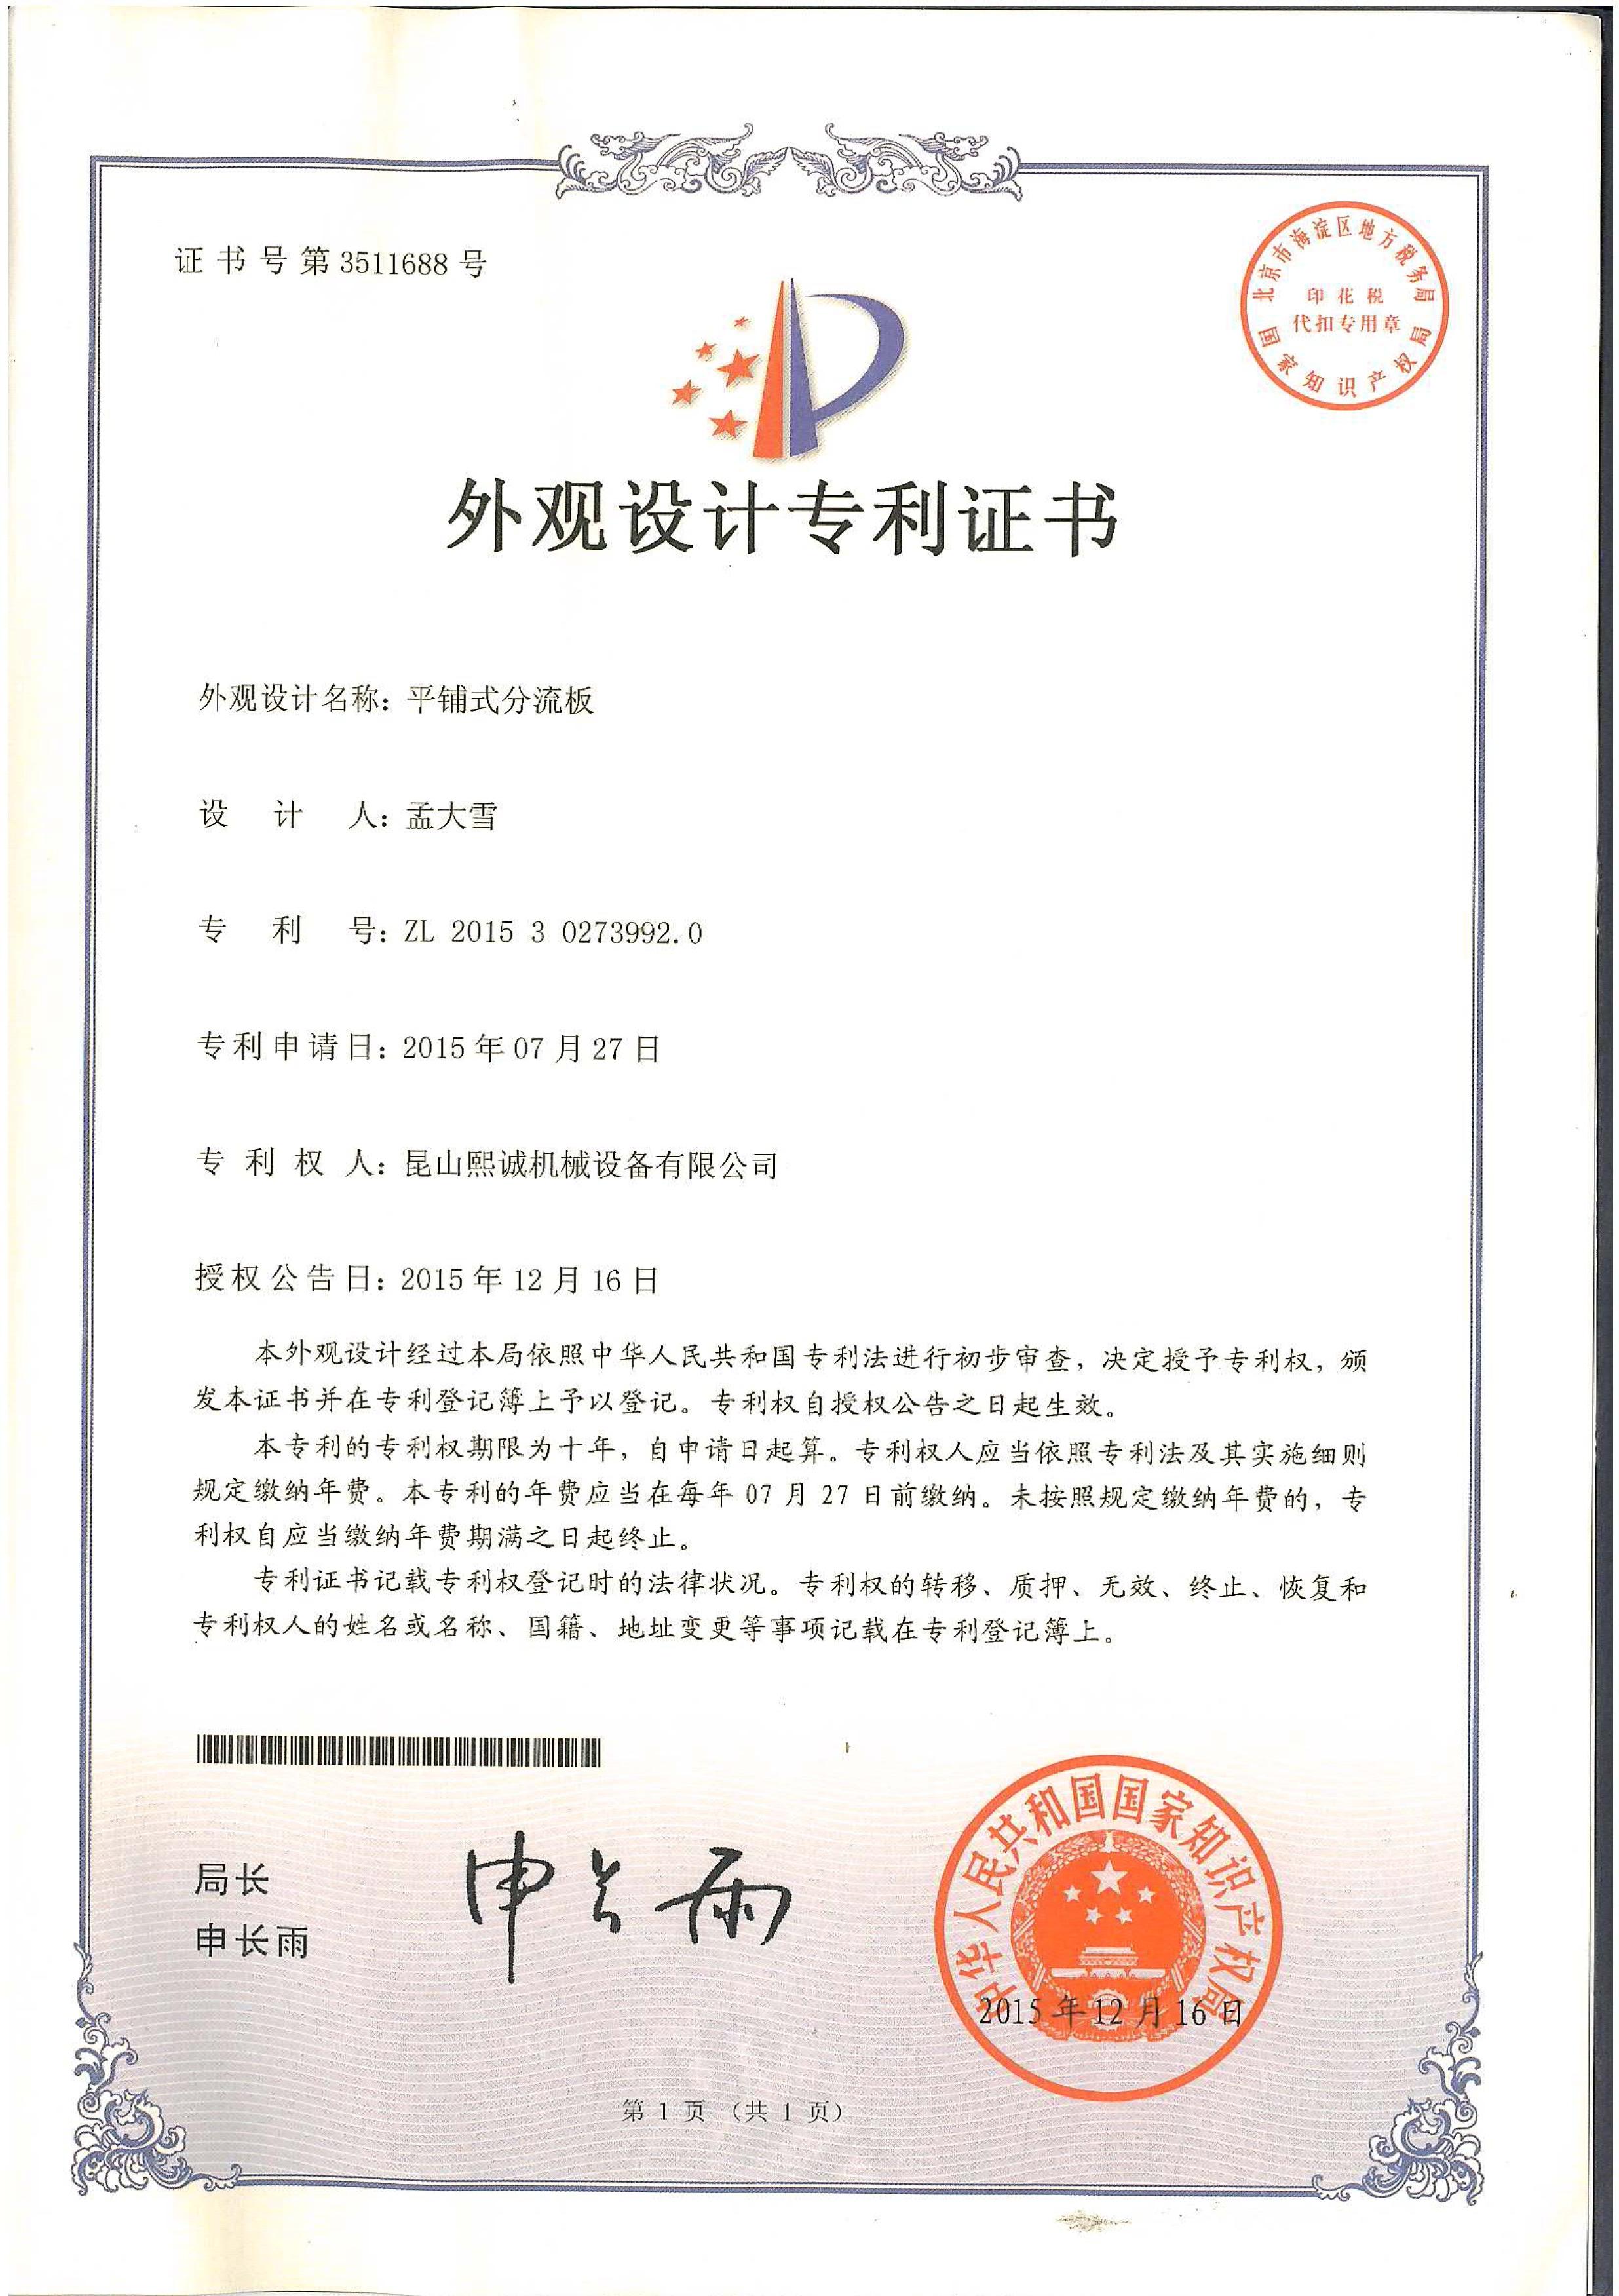 洗涤塔专利证书 (1)-1.jpg